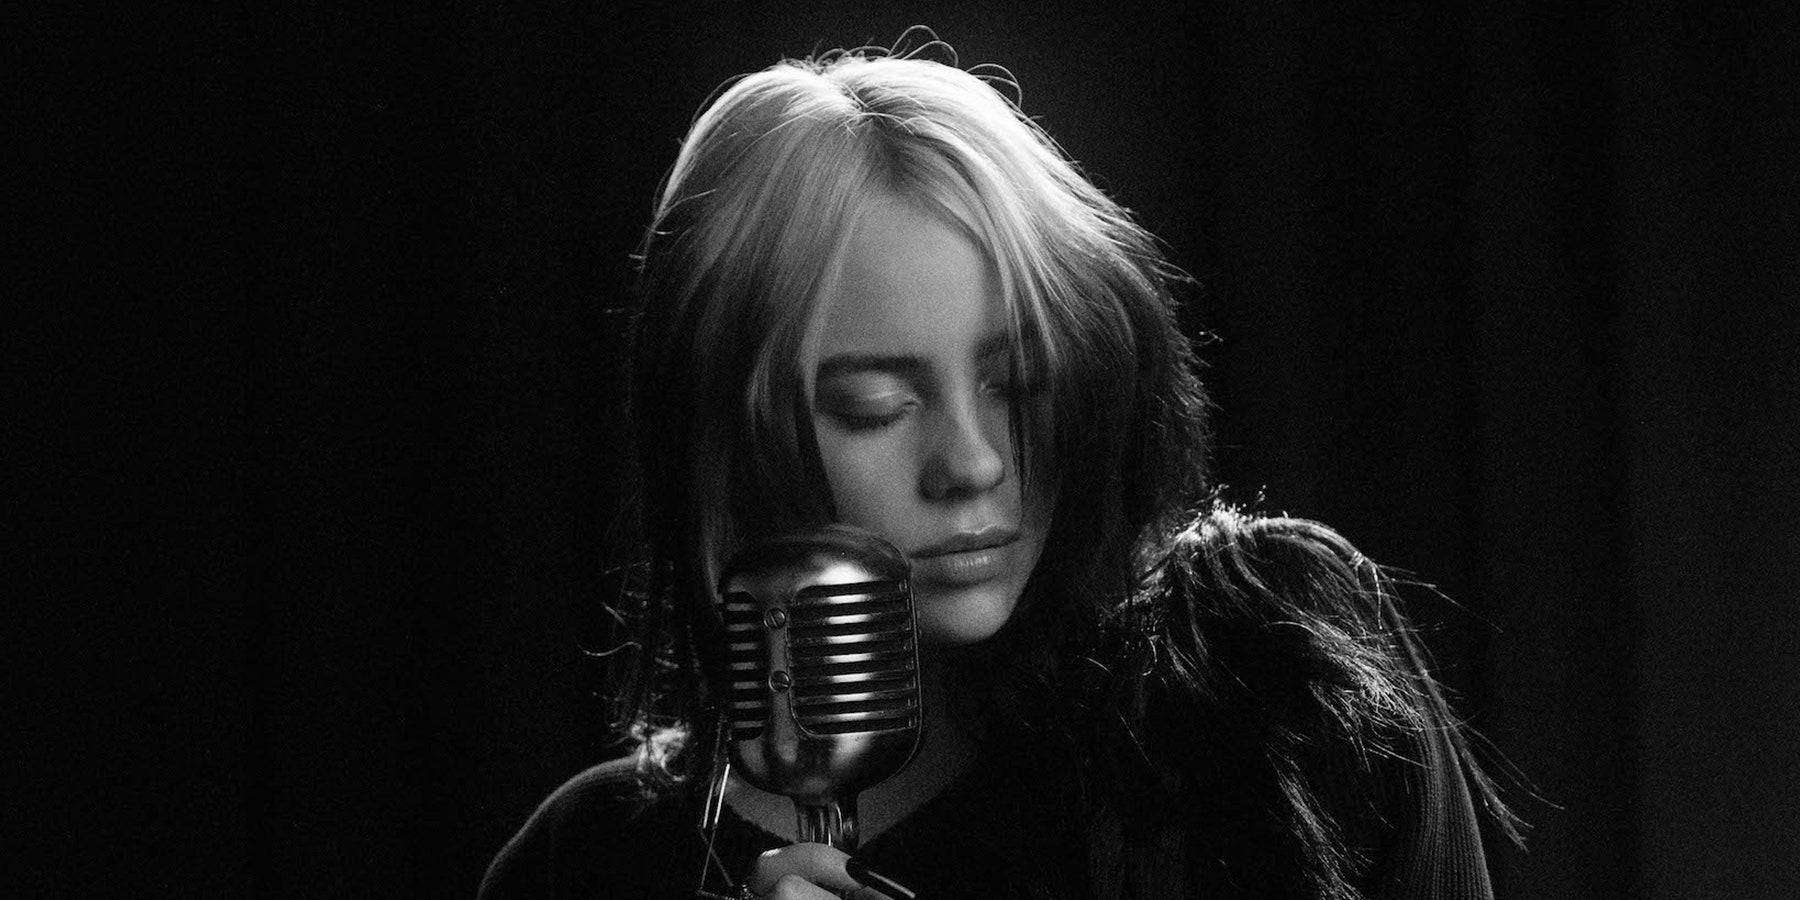 billie-eilish-no-time-to-die-music-video